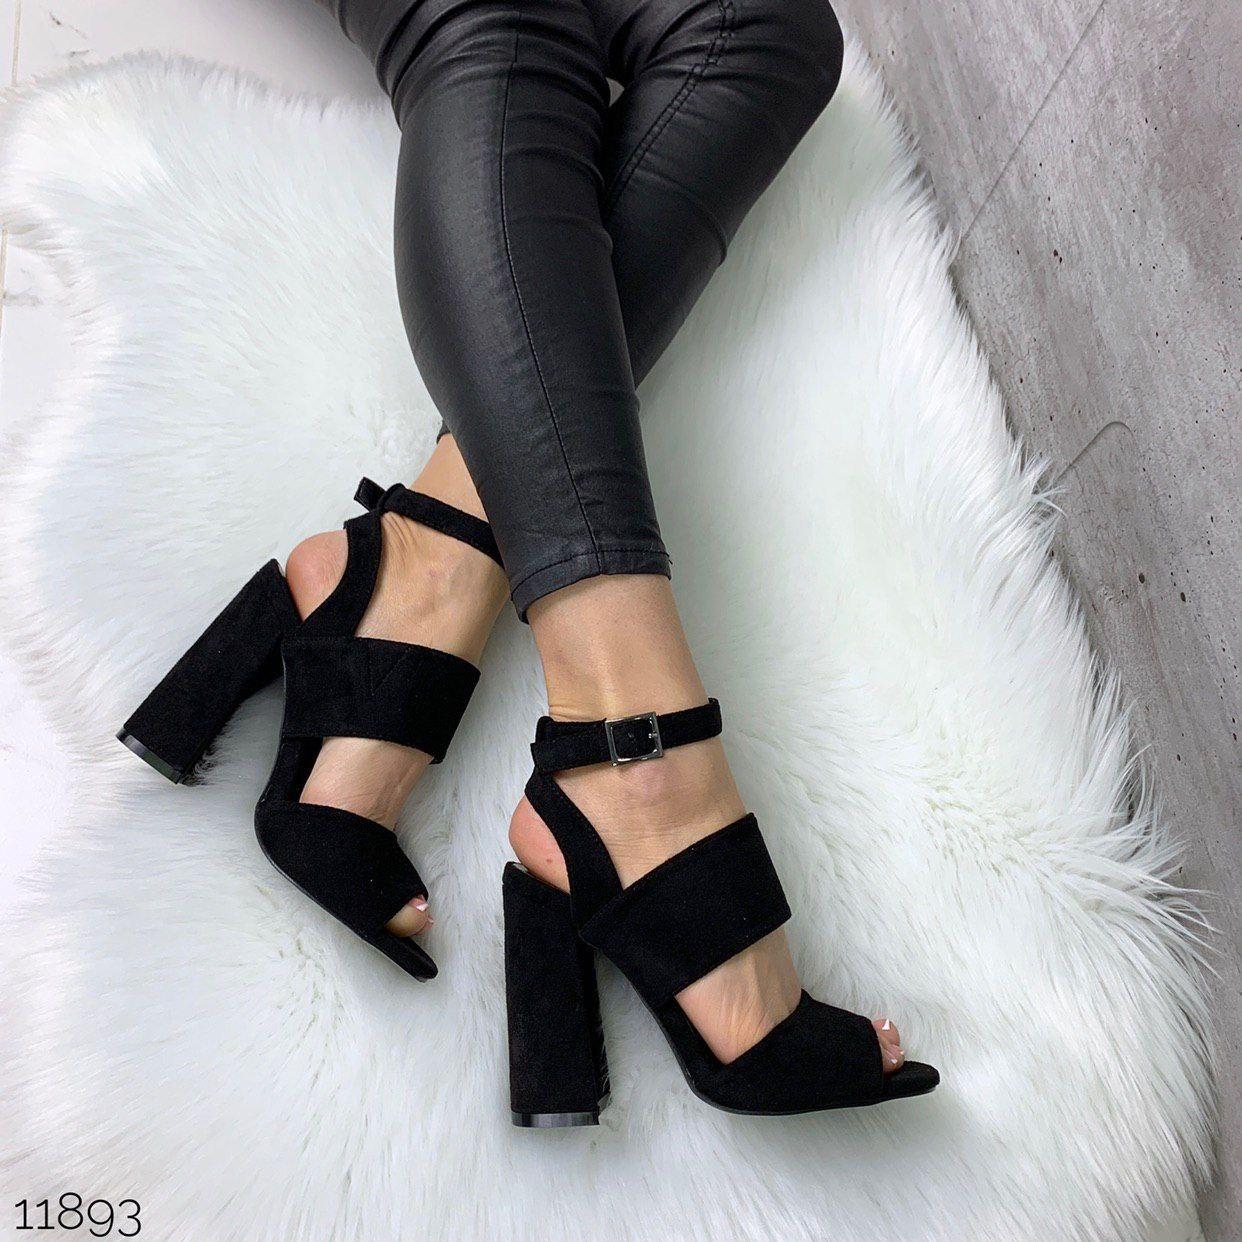 Обалденные женские босоножки на устойчивом каблуке